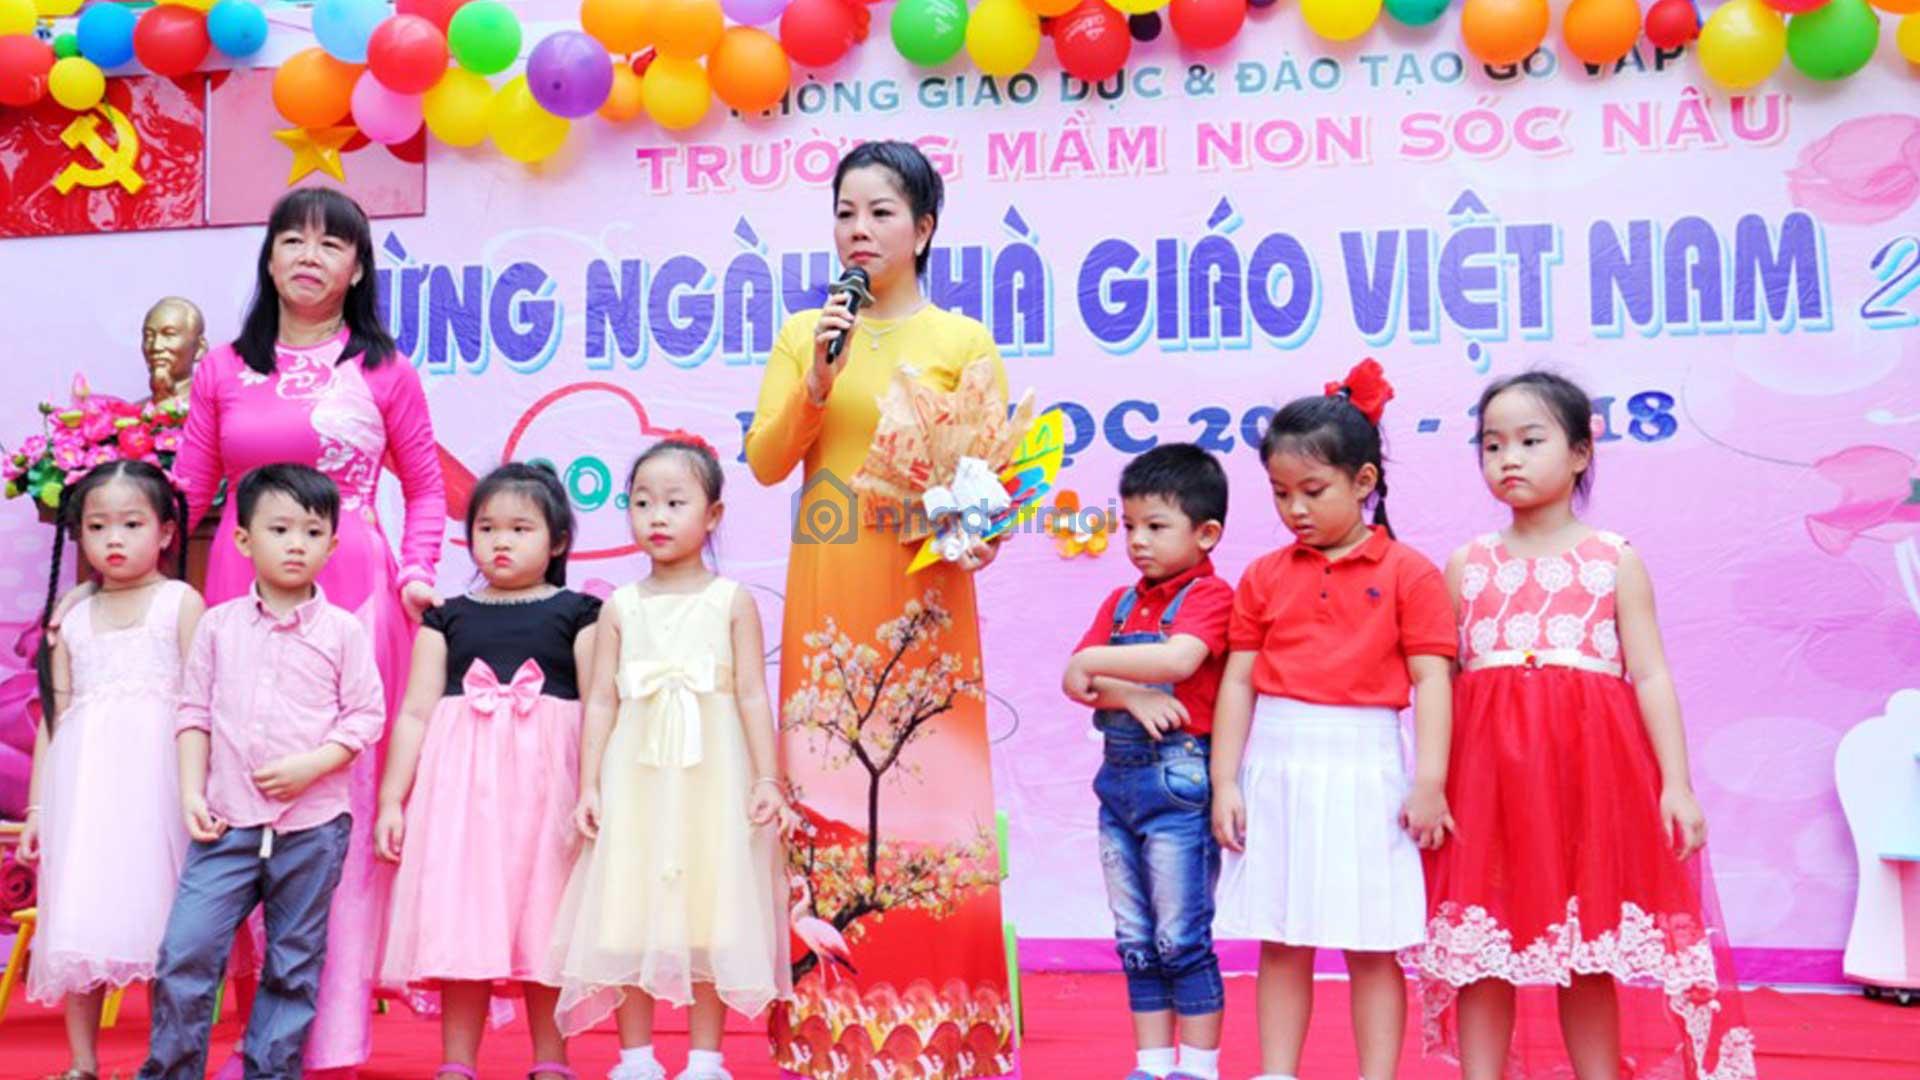 5 bản kế hoạch tổ chức 20/11 ngày nhà giáo Việt Nam chi tiết